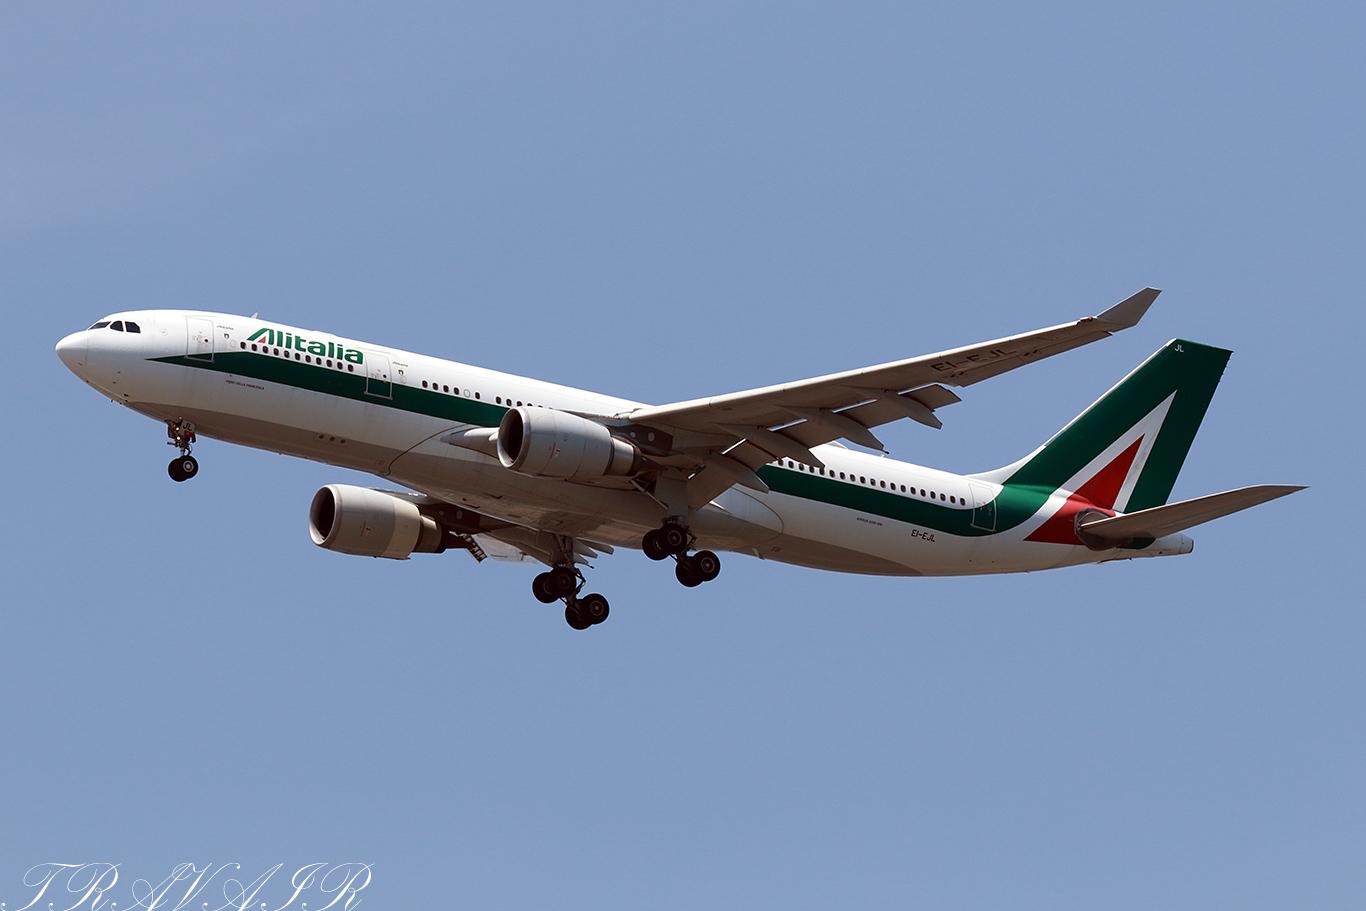 AZ/AZA/アリタリア航空 AZ792 A330-300 EI-EJL